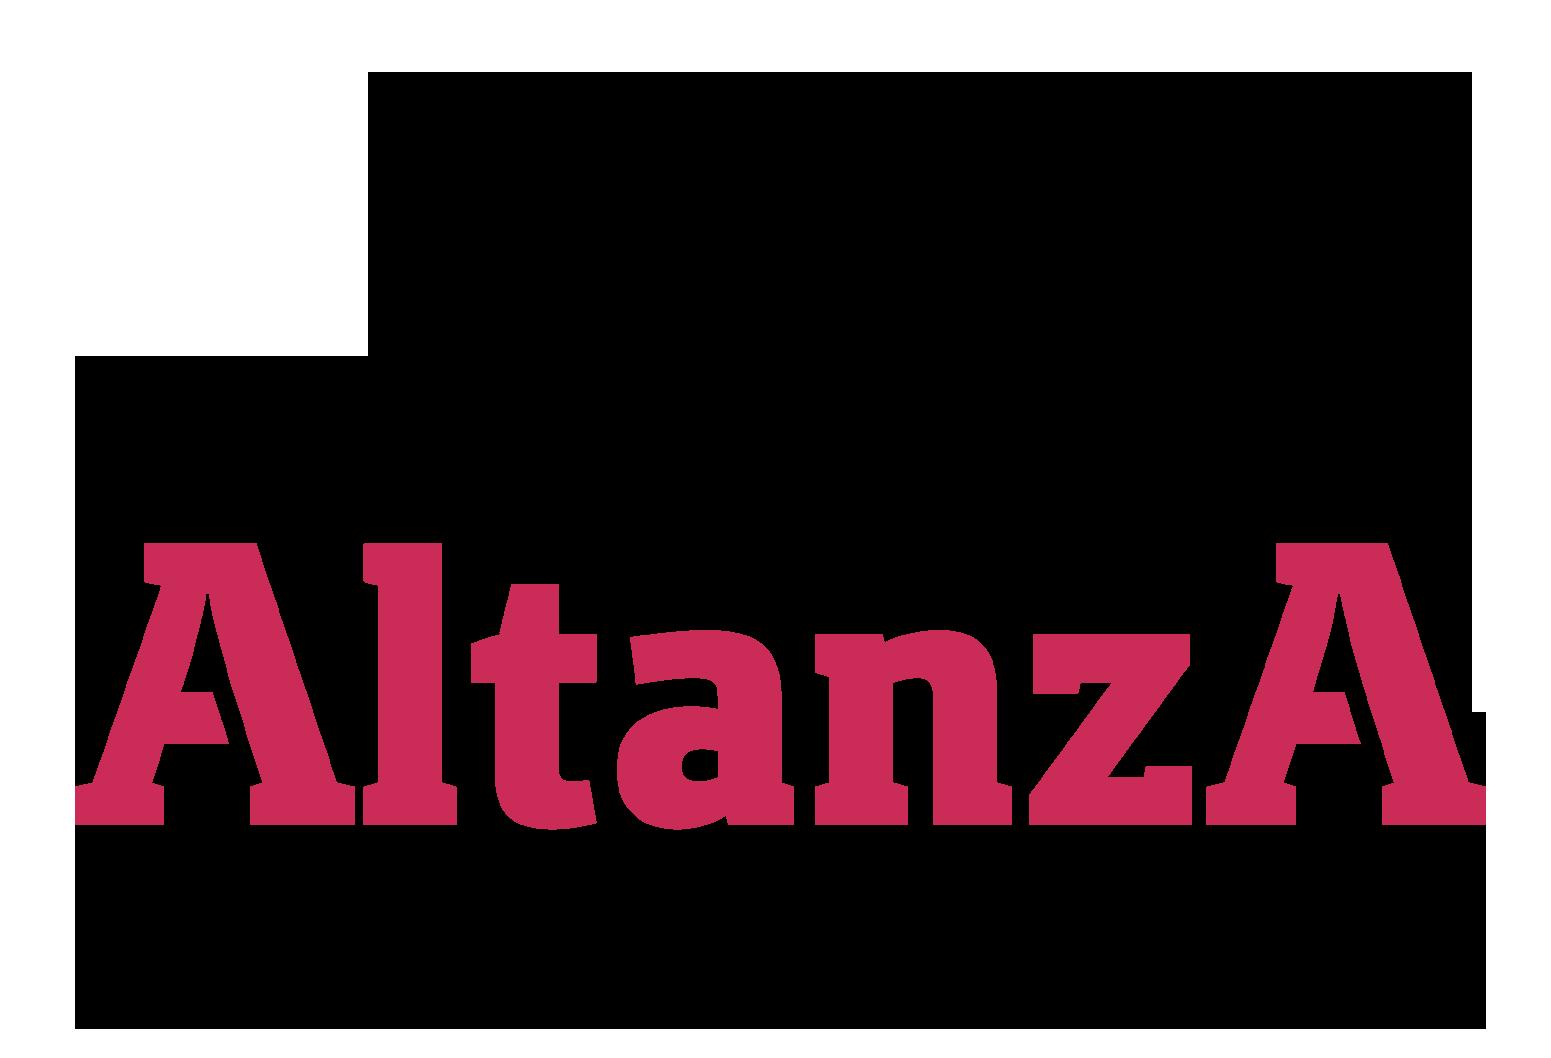 Jamones Altanza